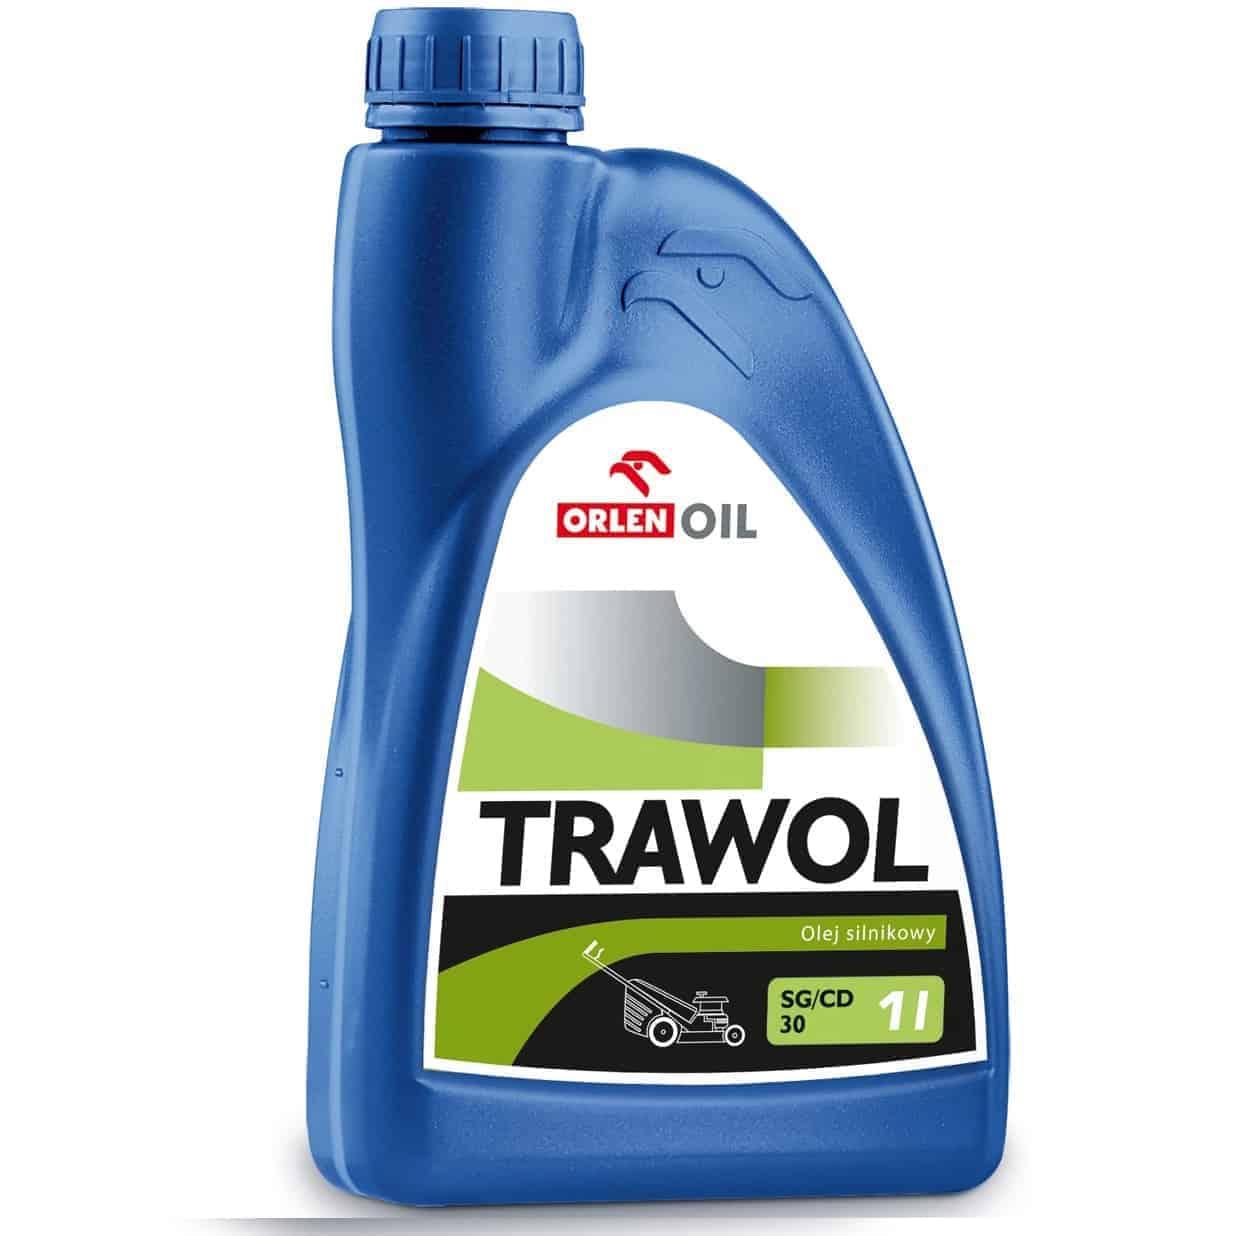 Olej ORLEN TRAWOL 1l. SG/CD SAE 30